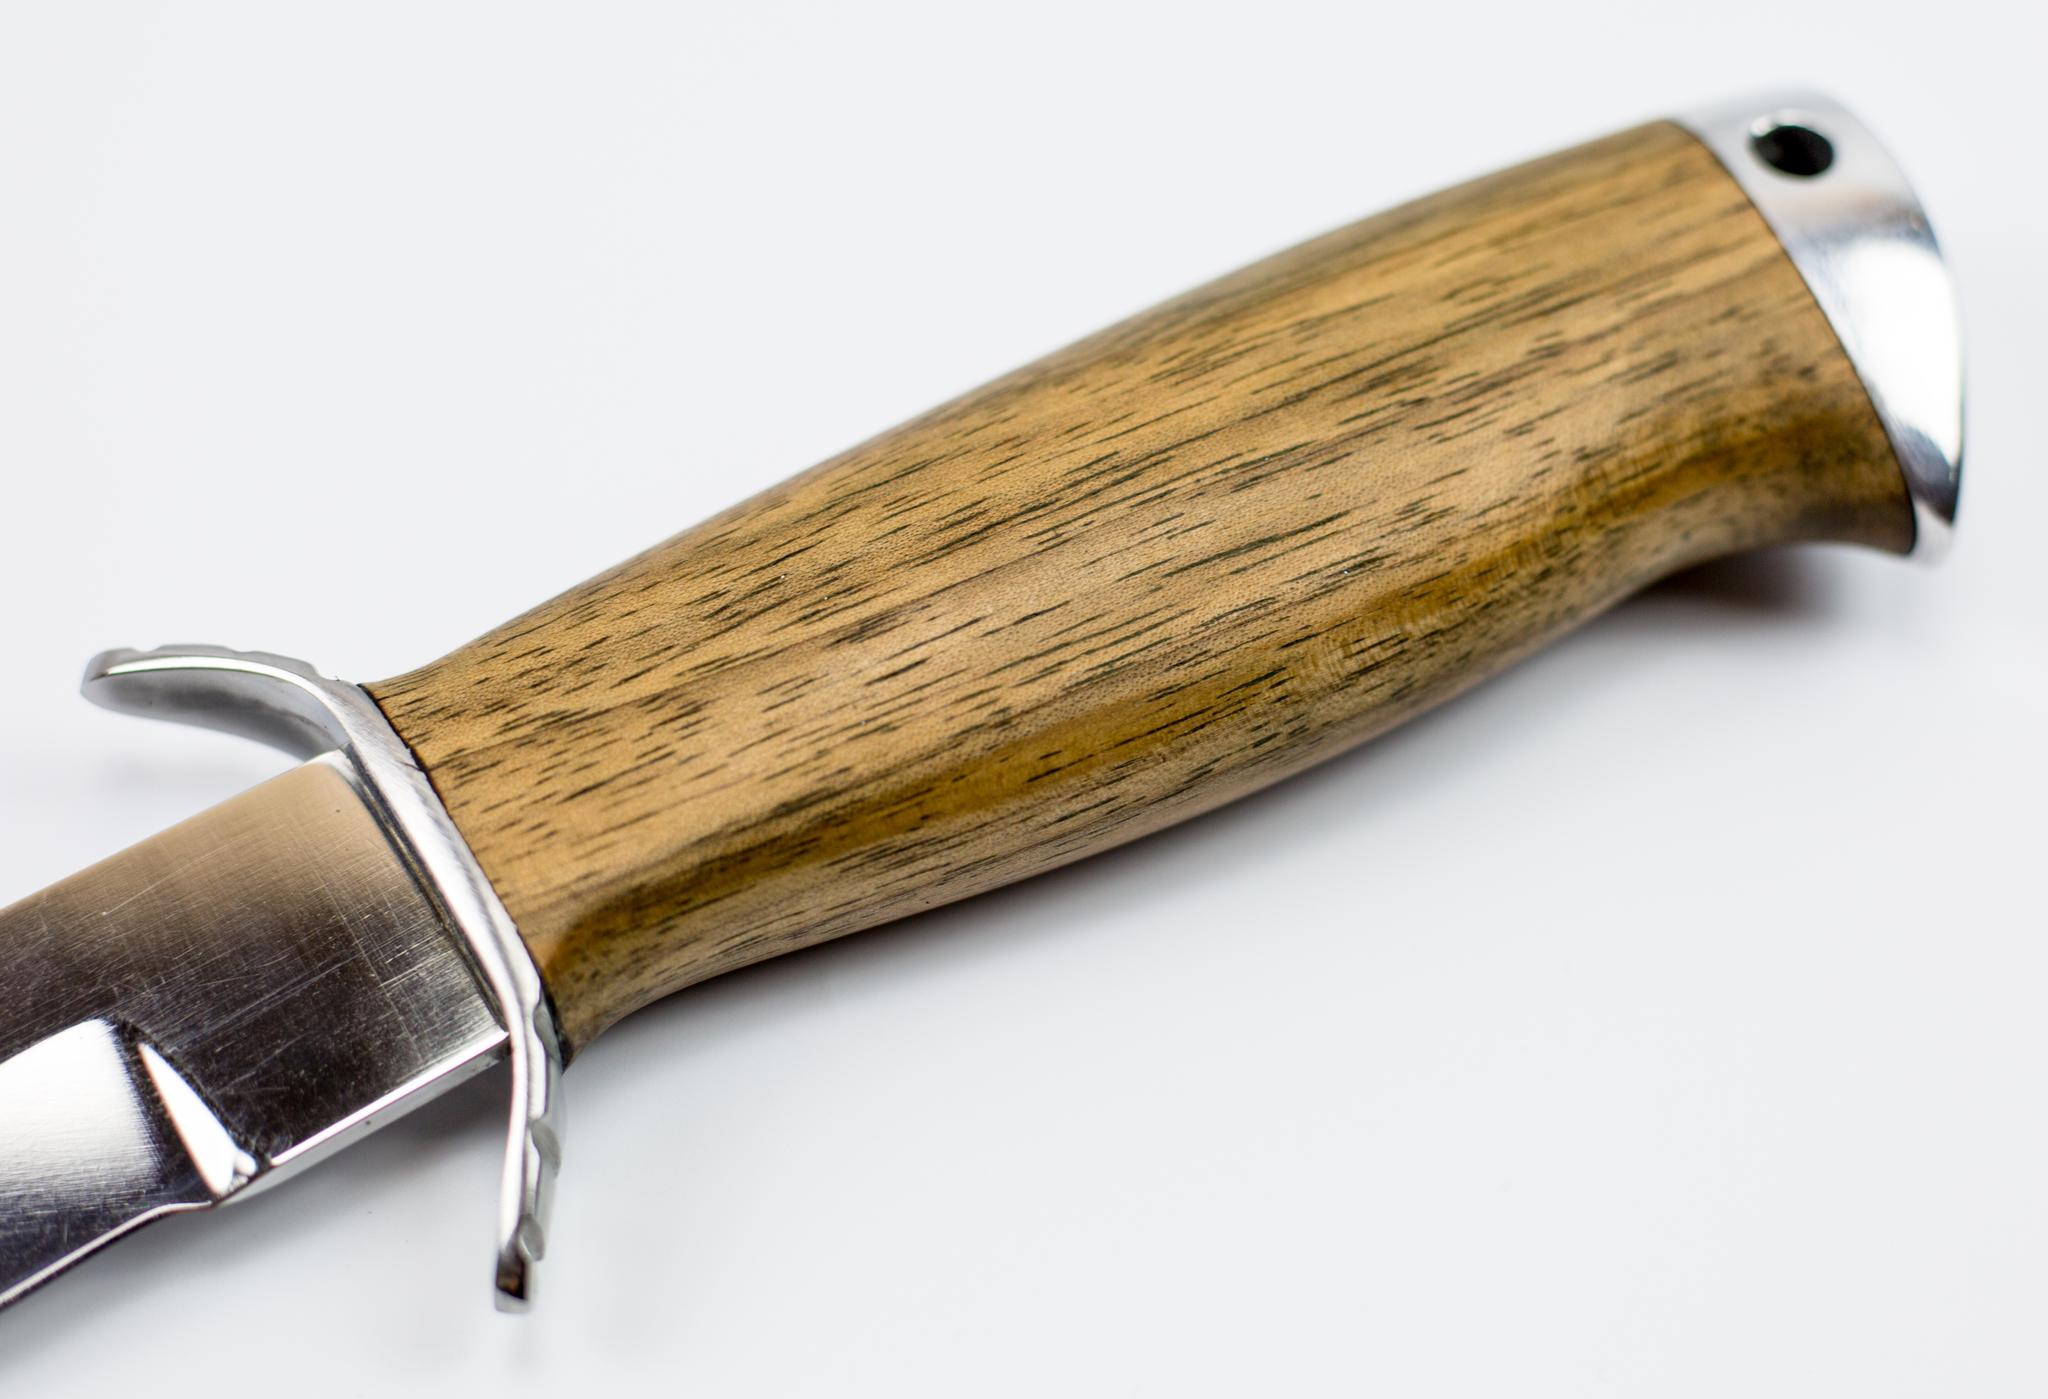 Фото 9 - Нож Смерч-2, 65Х13 от Павловские ножи